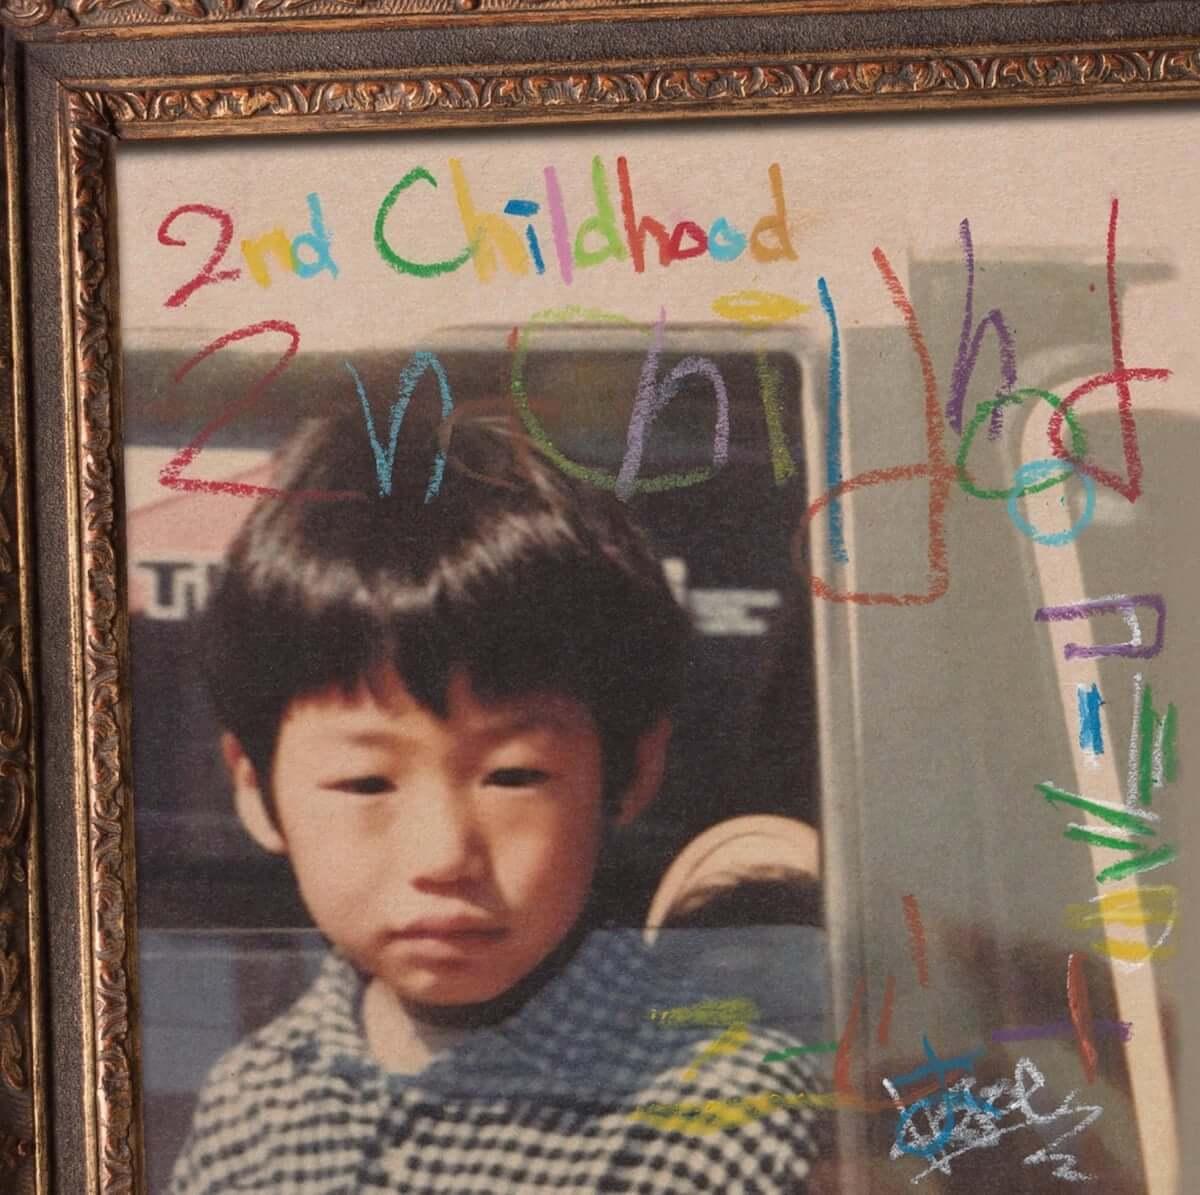 KOJOEの最新アルバム『2nd Childhood』から「WARnin'」のMVが公開!ディレクターにYuki Horiが起用 190301music_kojoe_2-1200x1195